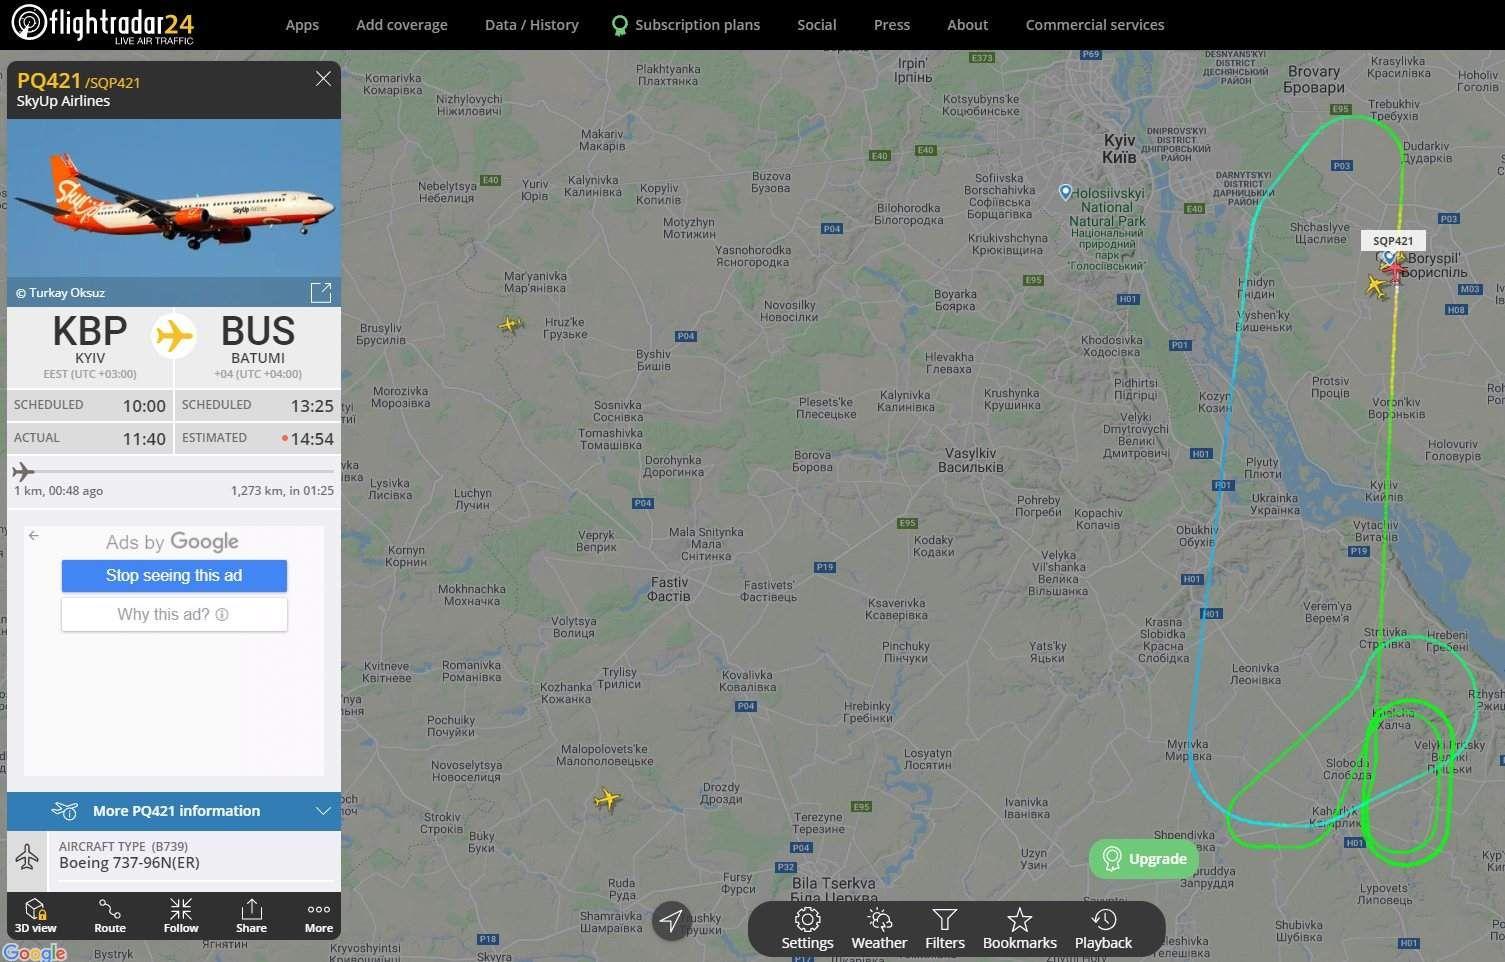 Траєкторія руху літака SkyUp